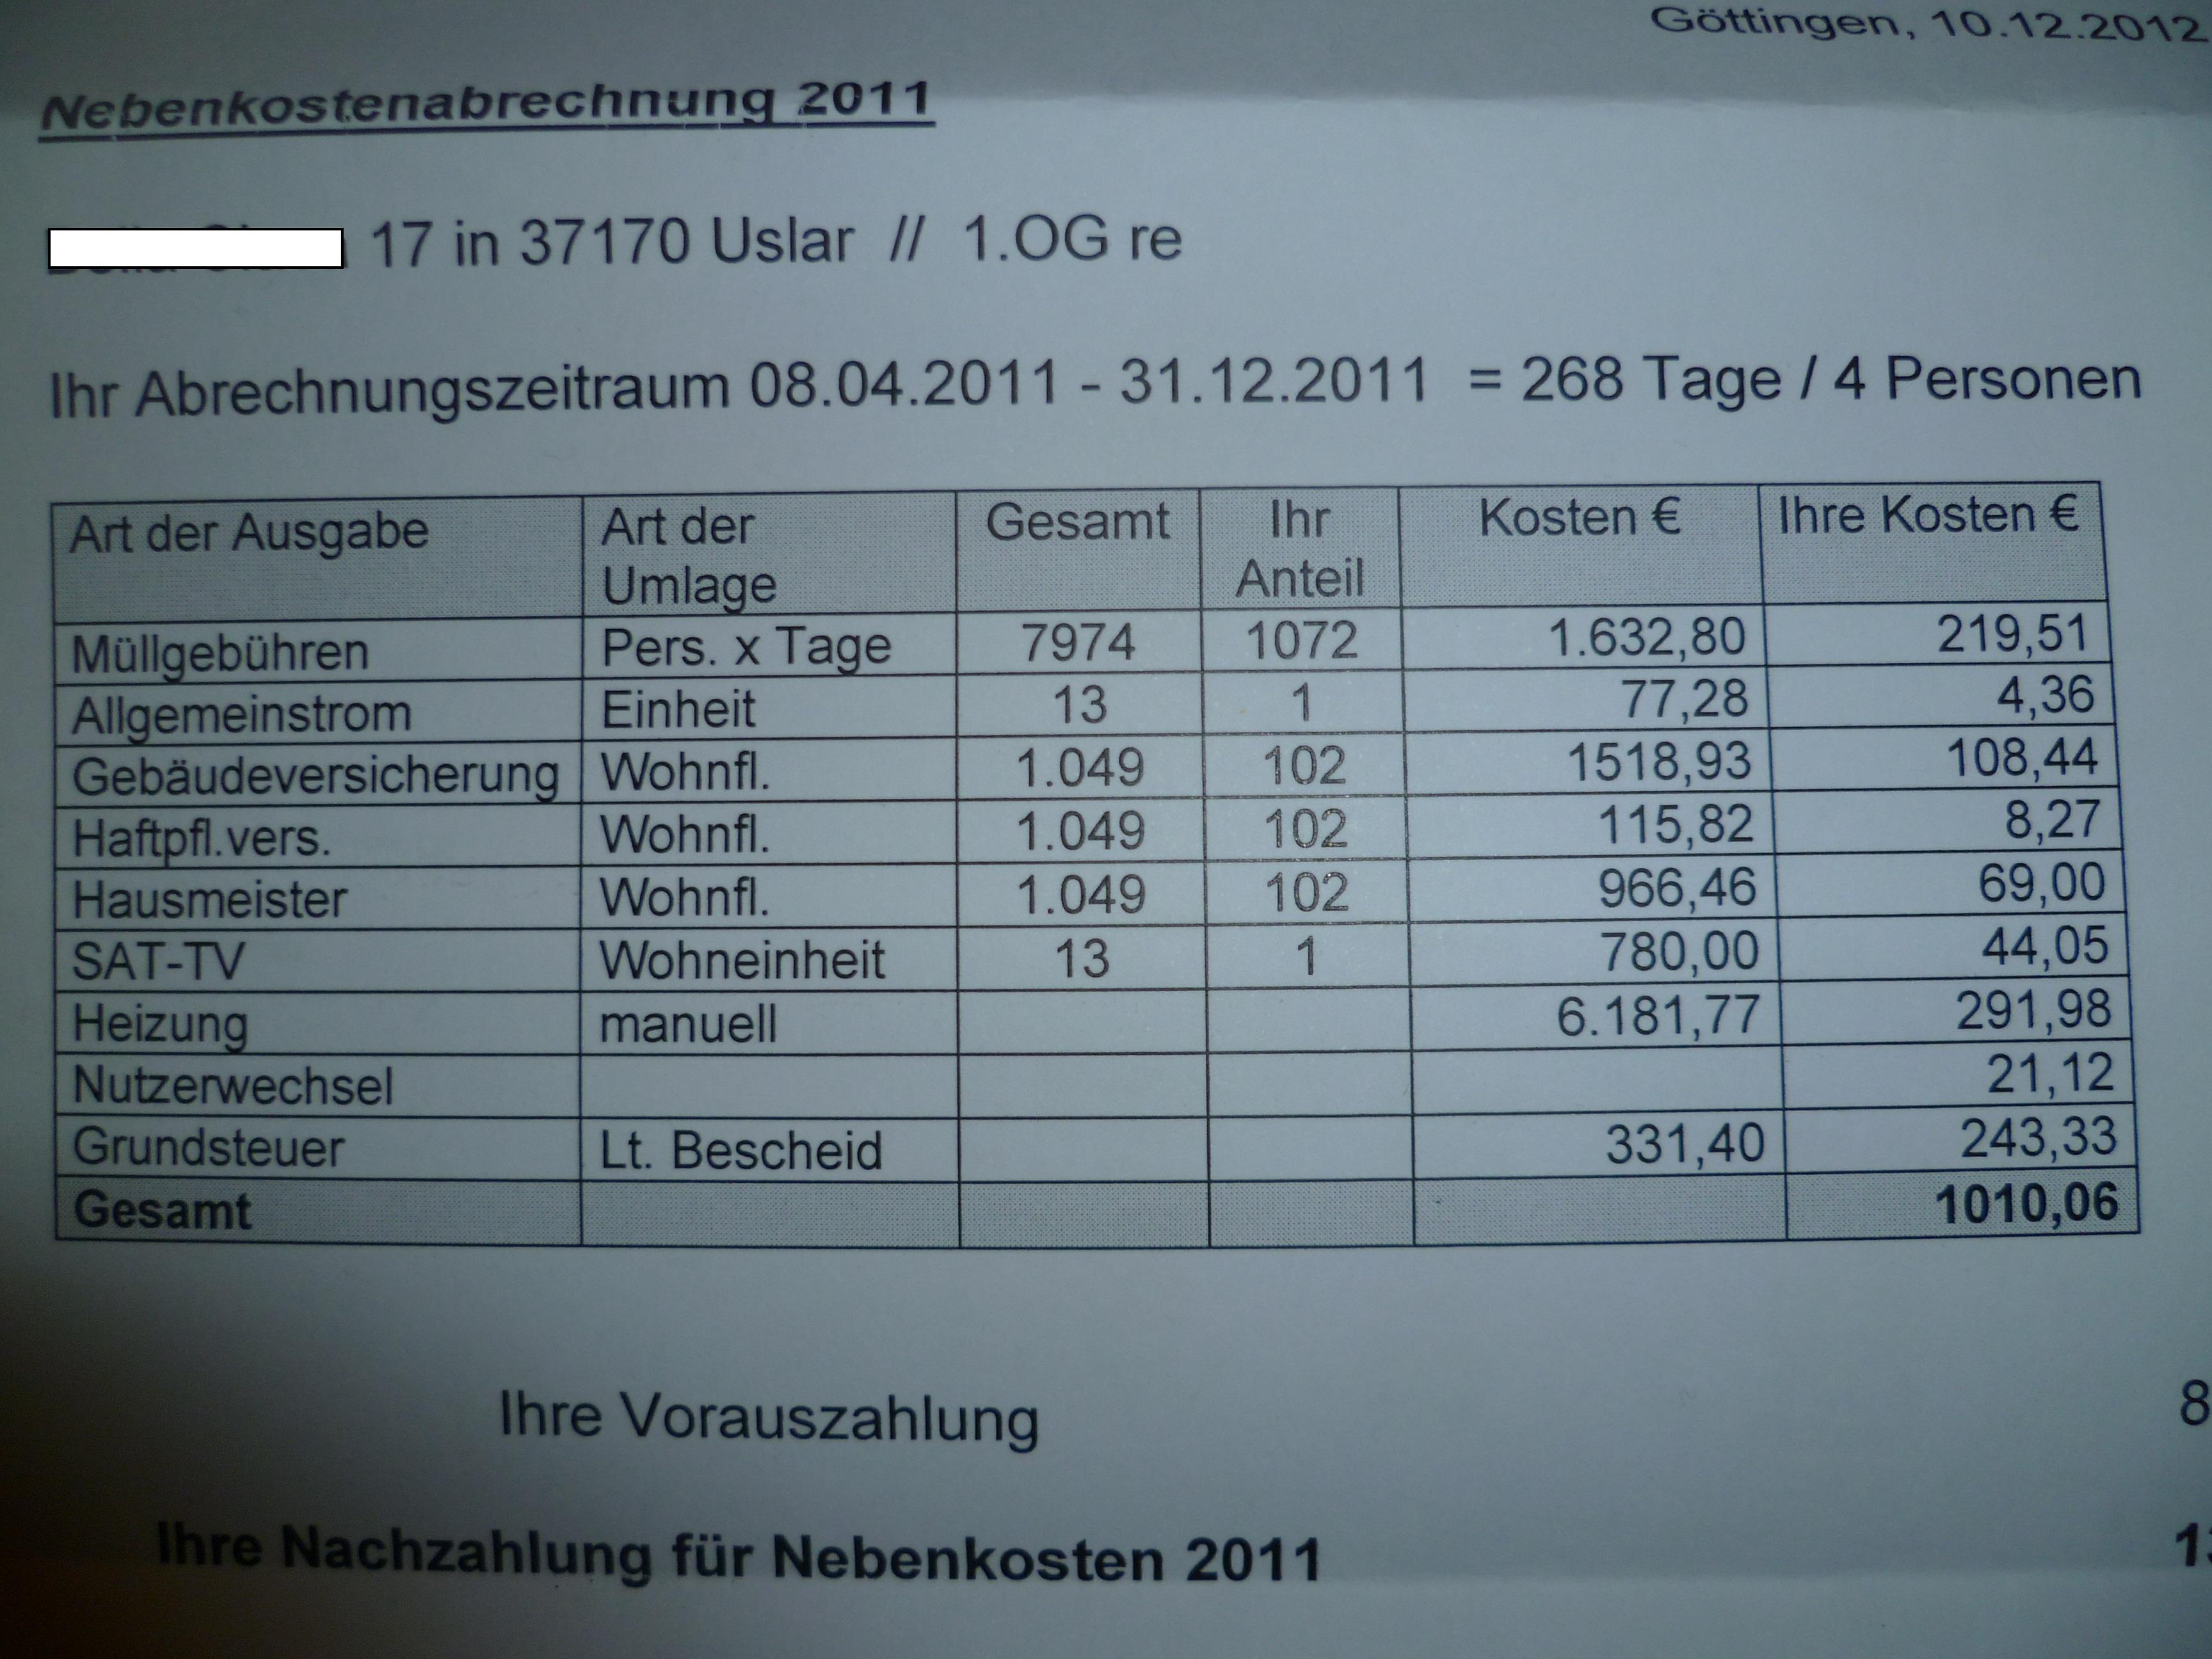 Nebenkosten Pro Qm Best Aller Nebenkosten Nach Eurommonat Quelle